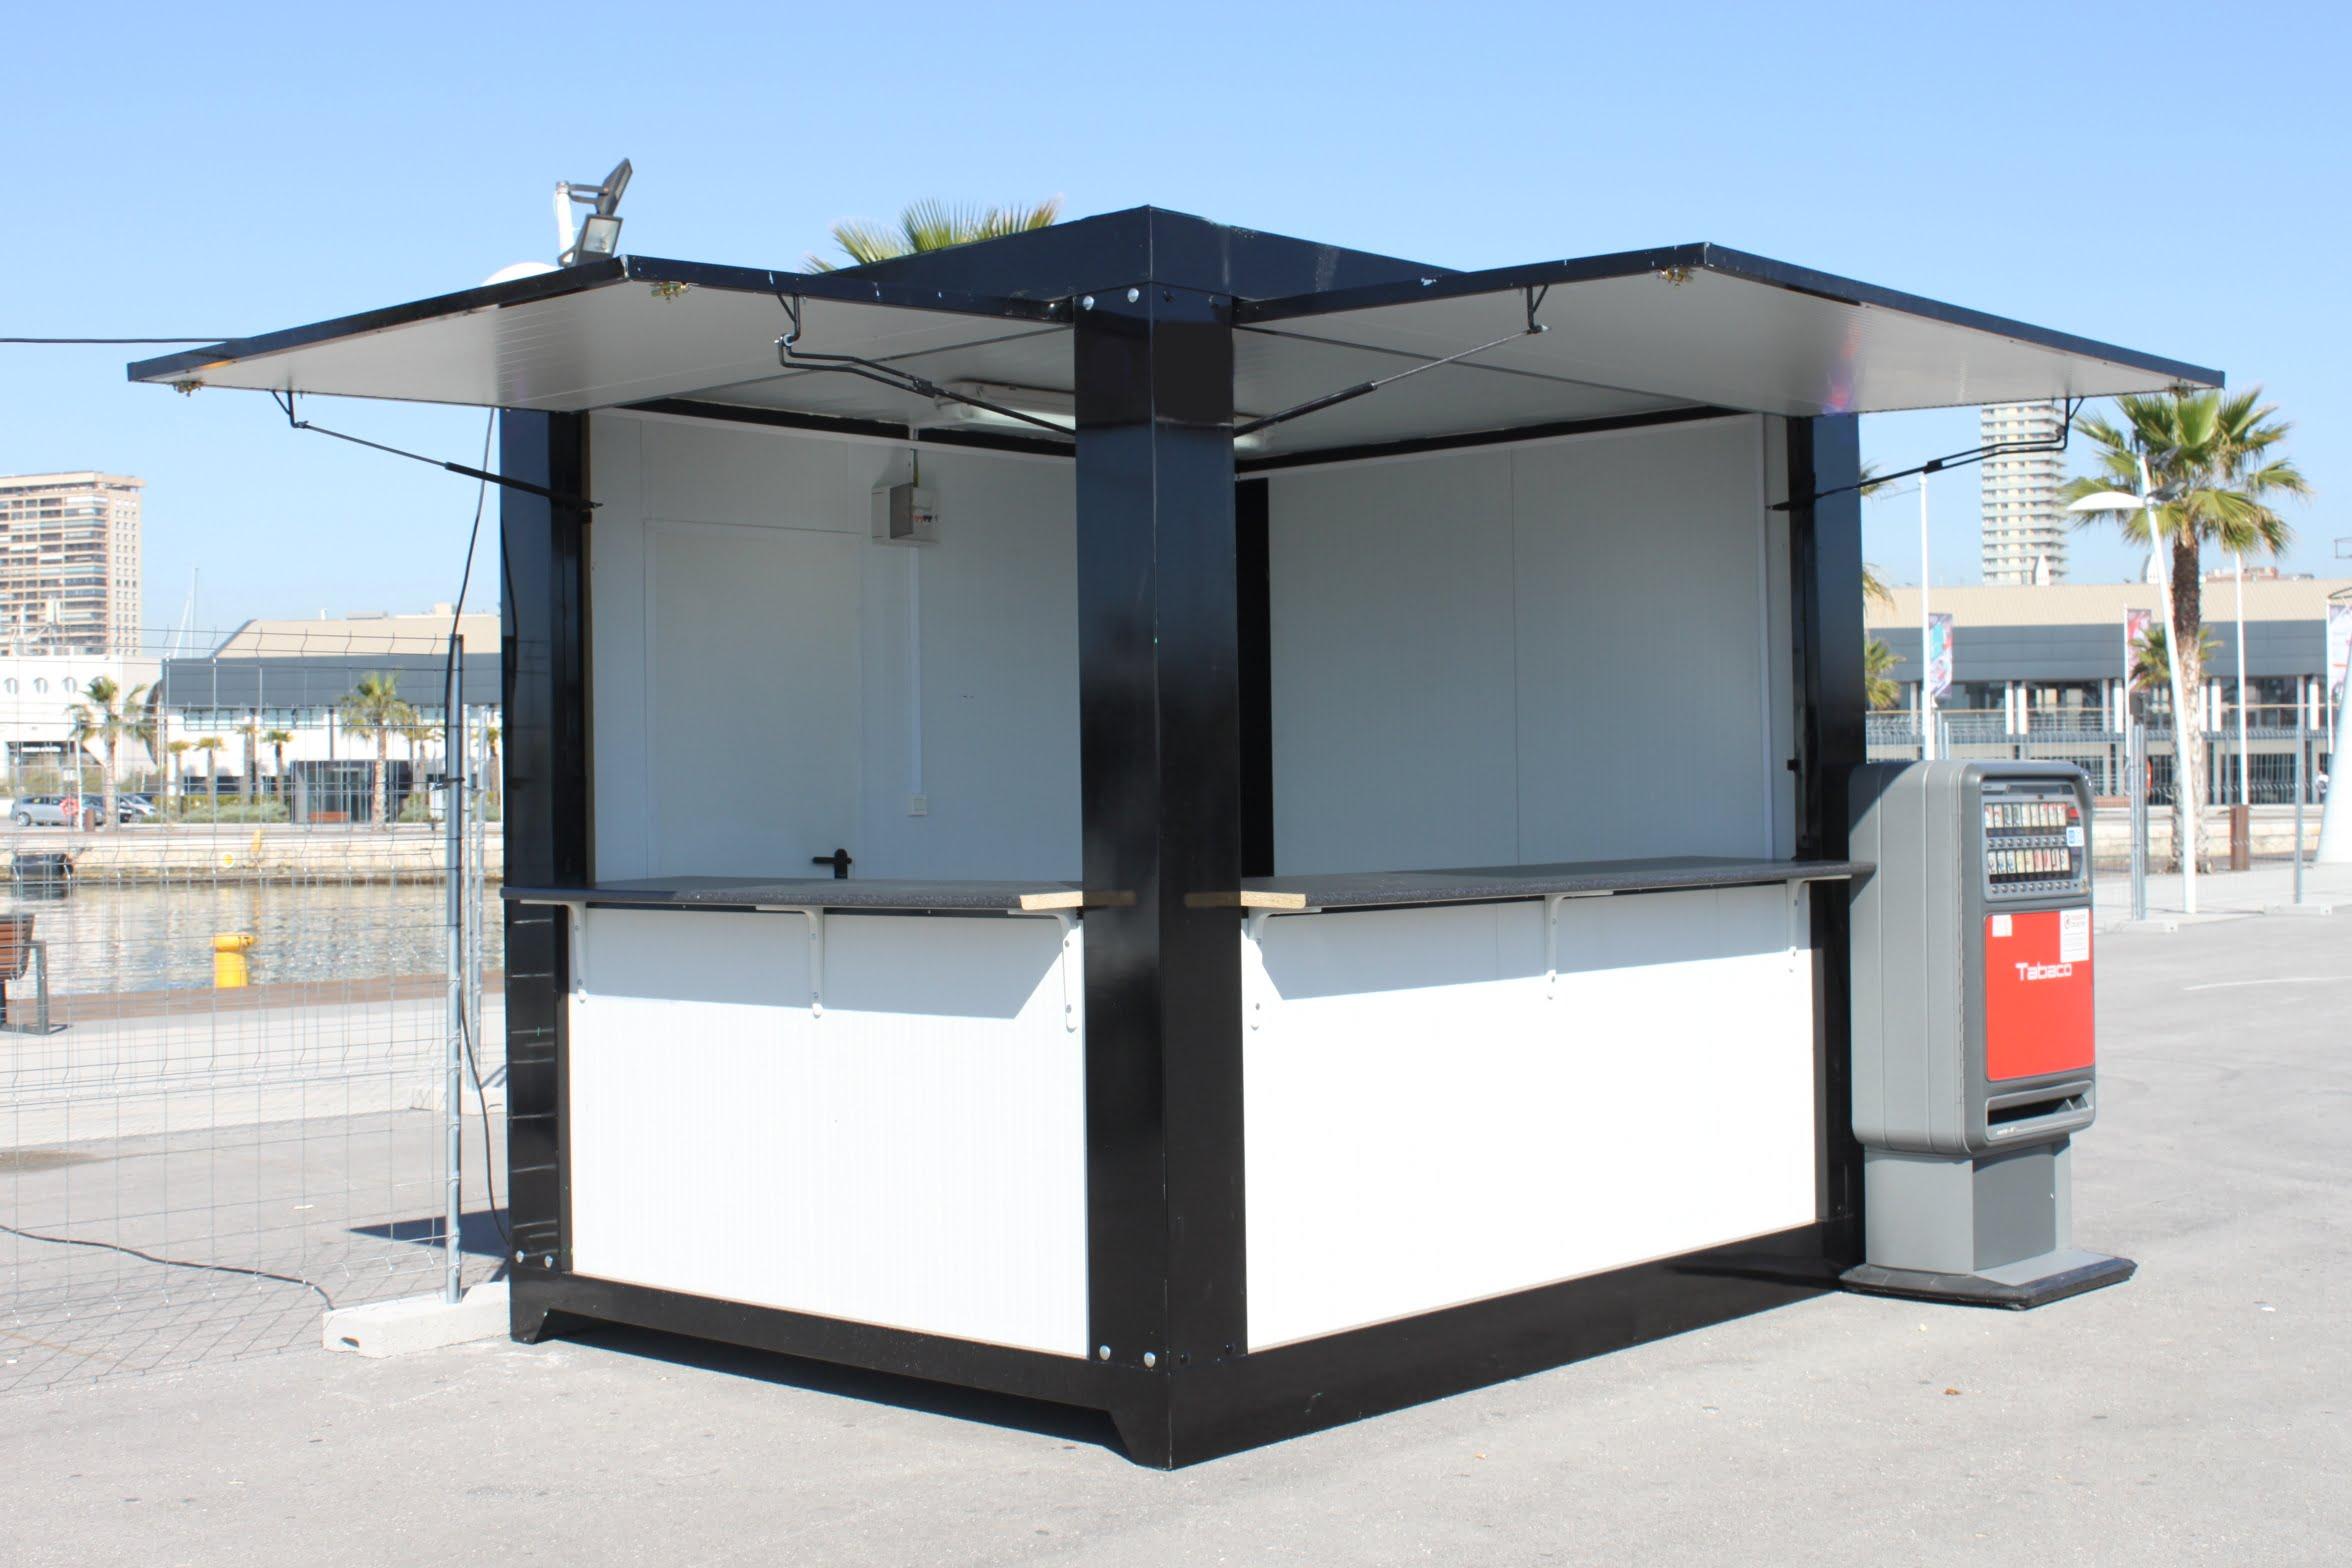 Caseta bar o kiosko 3 metros globen for Casetas para herramientas segunda mano